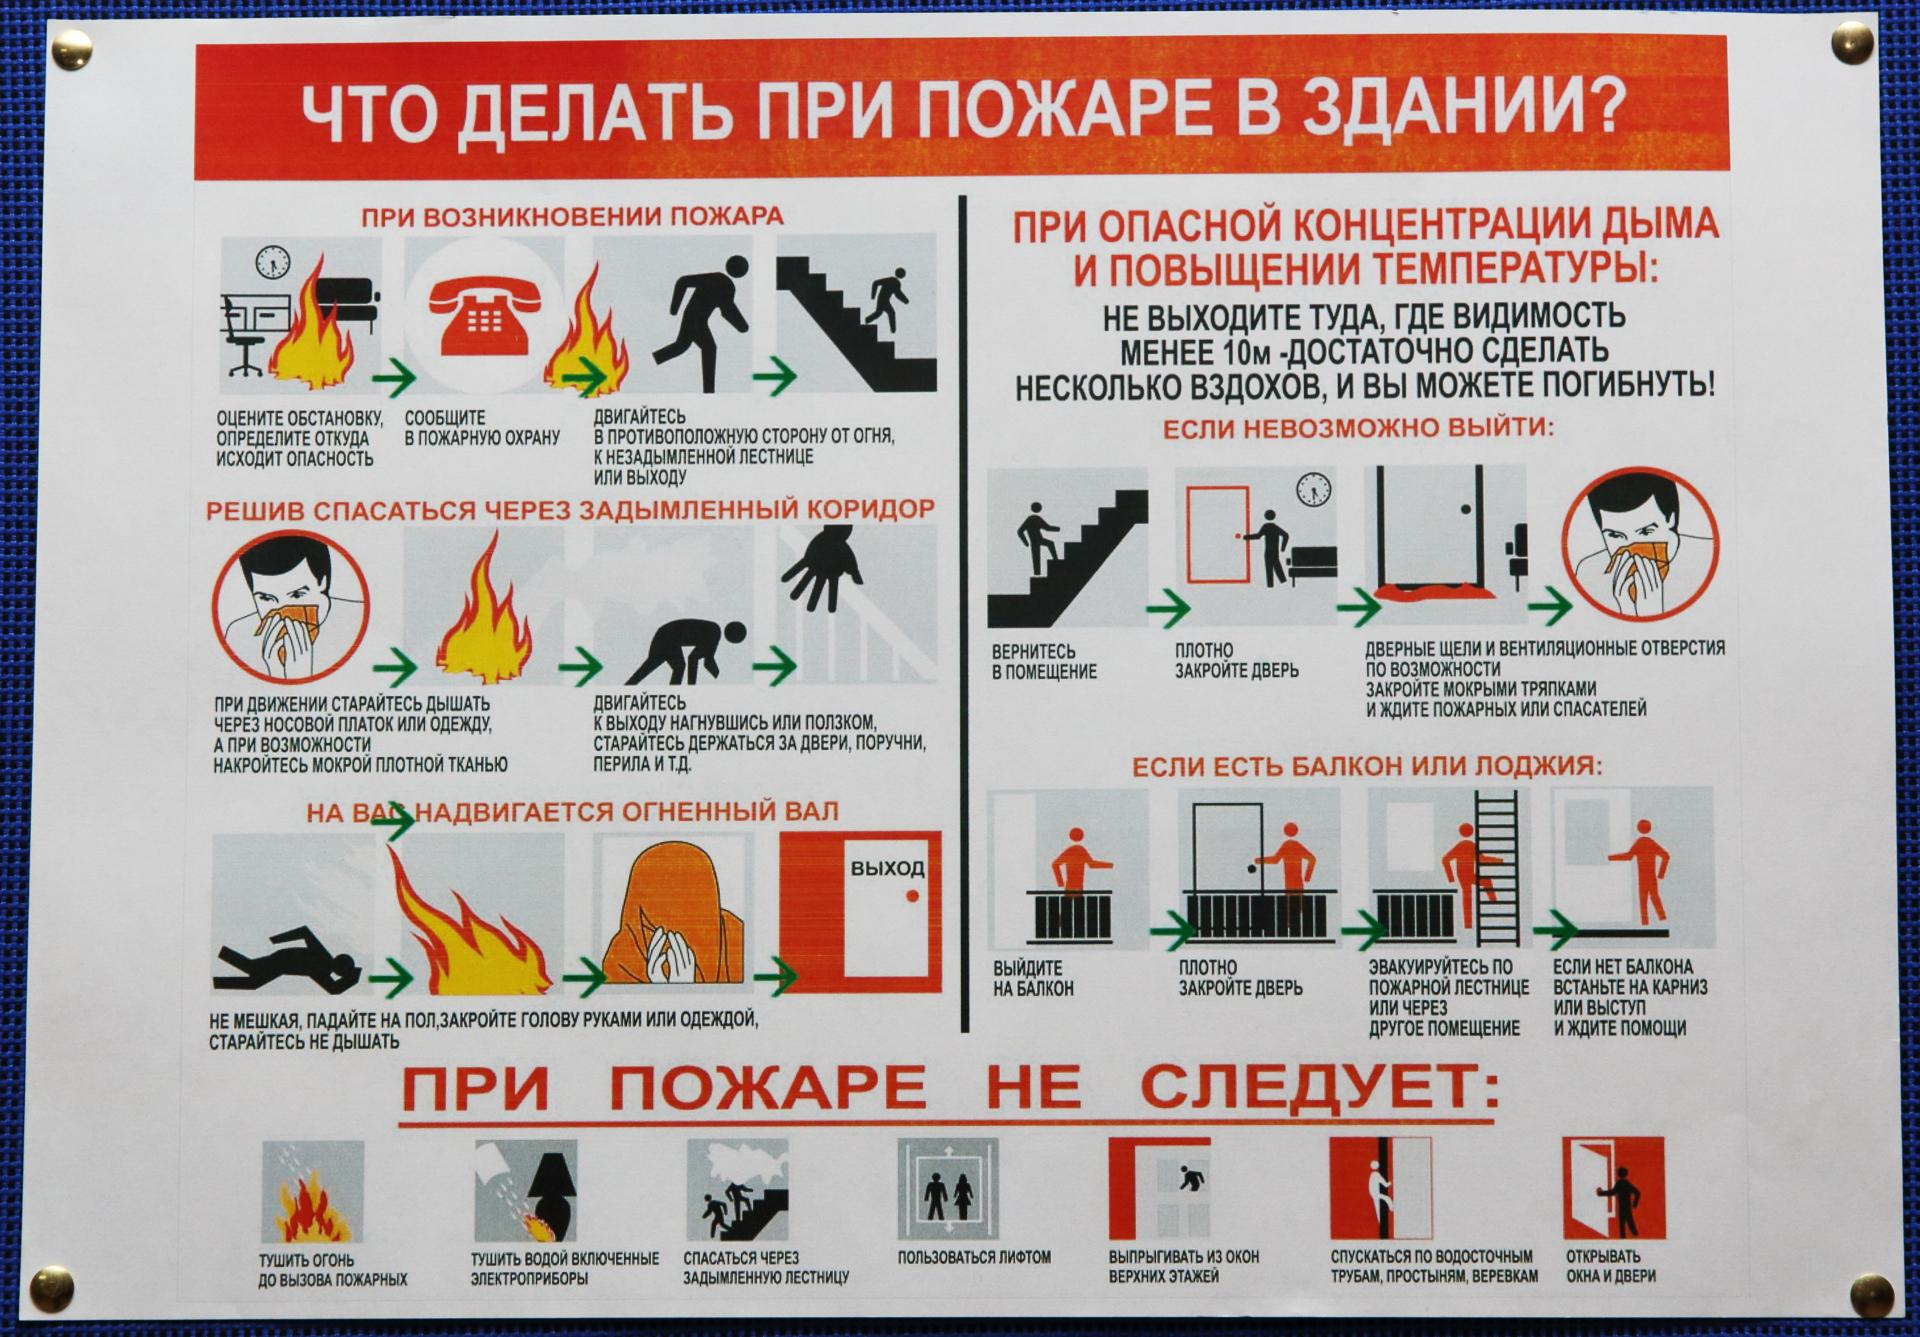 Инструкция о действиях работников при обнаружении пожара в здании